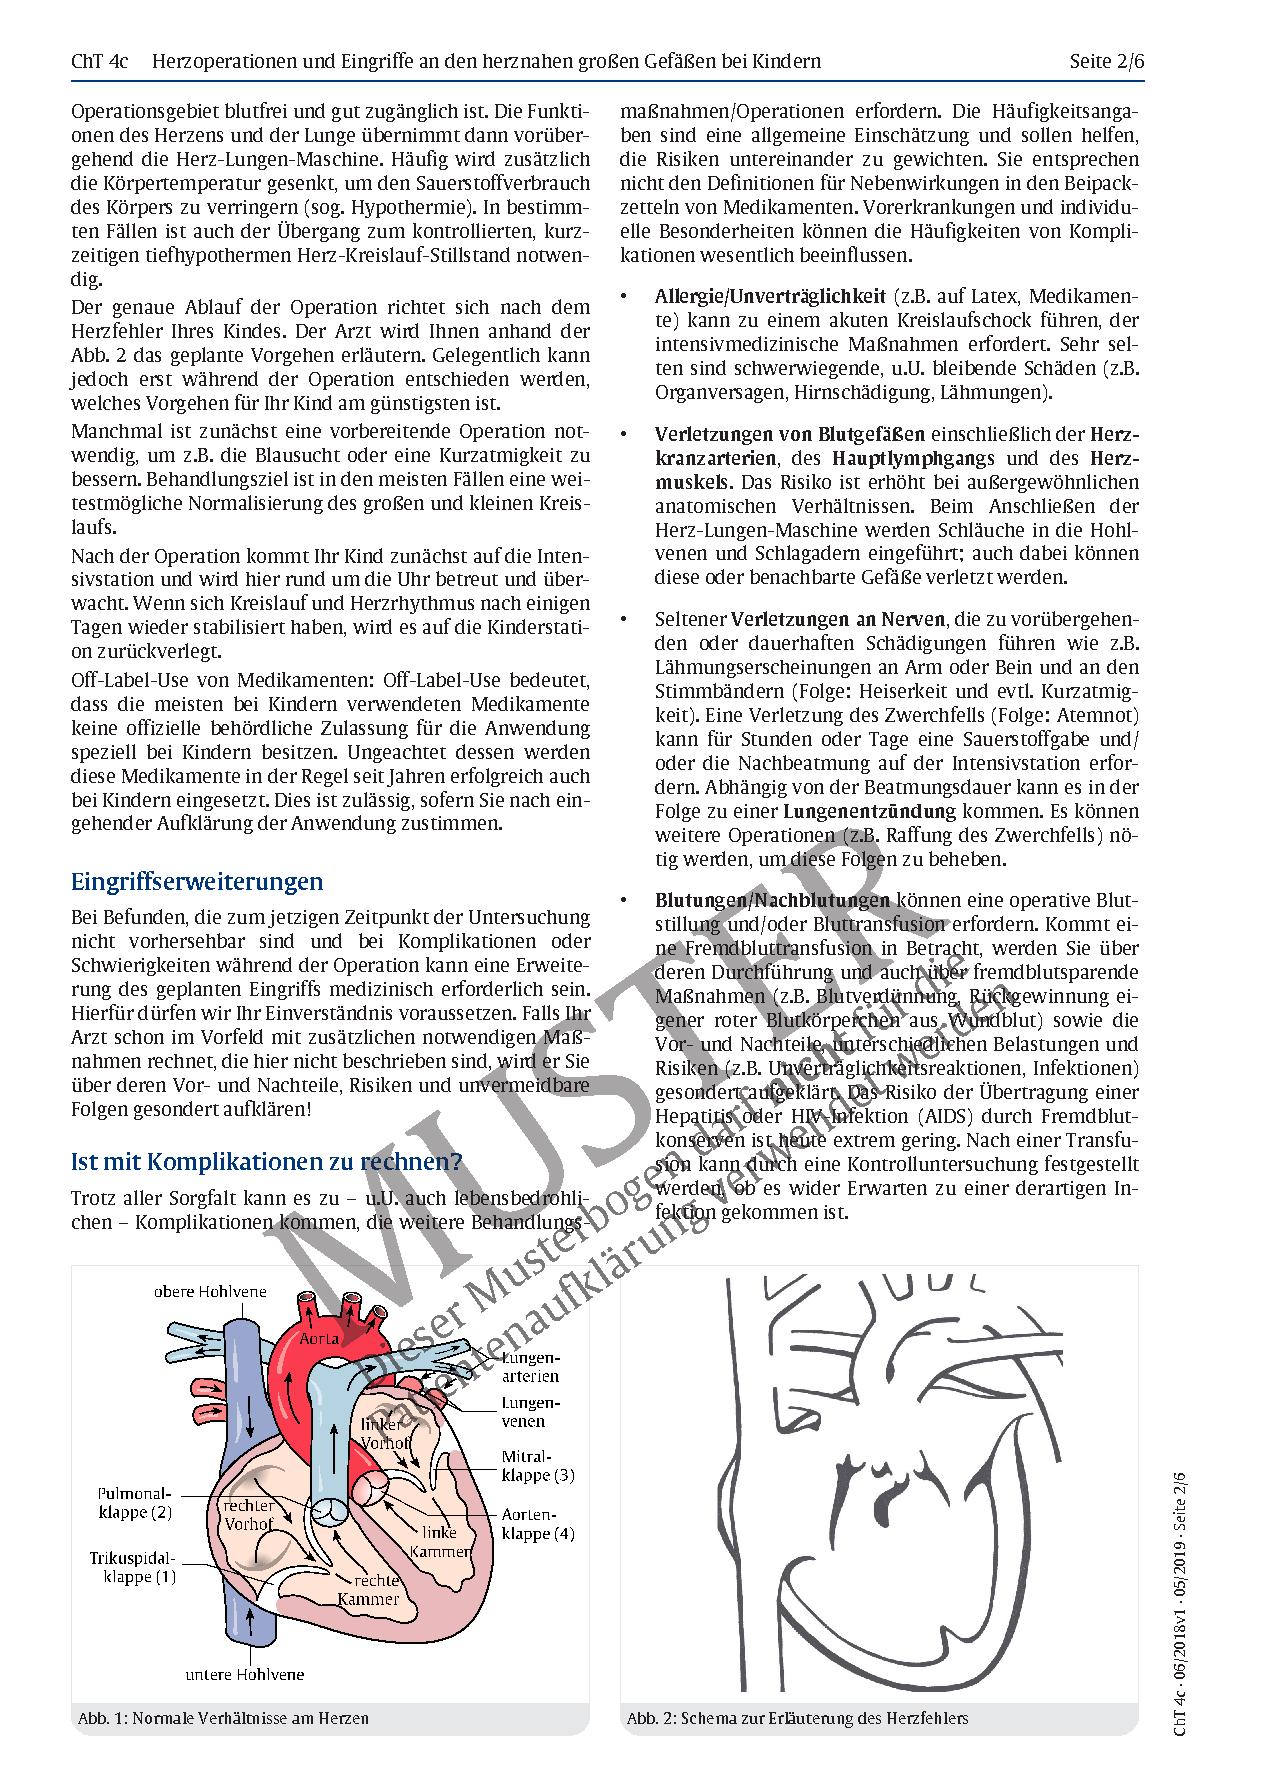 Großzügig Großen Gefäße Des Herzens Anatomie Bilder - Anatomie Ideen ...